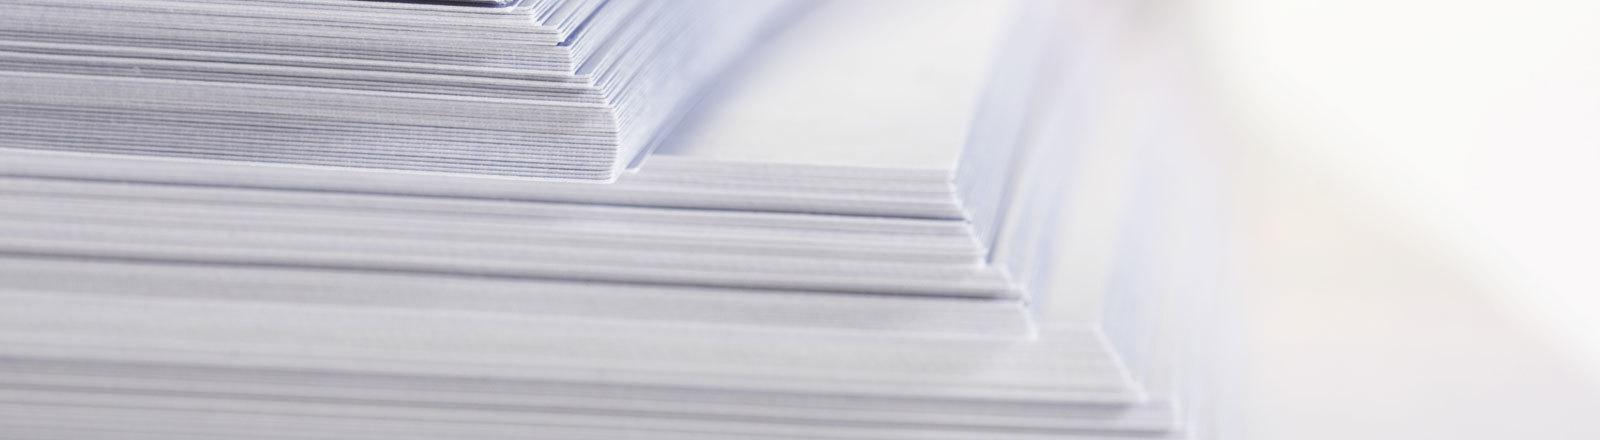 Ein Stapel mit Papier, der wissenschaftliche Publikationen symbolisieren soll.